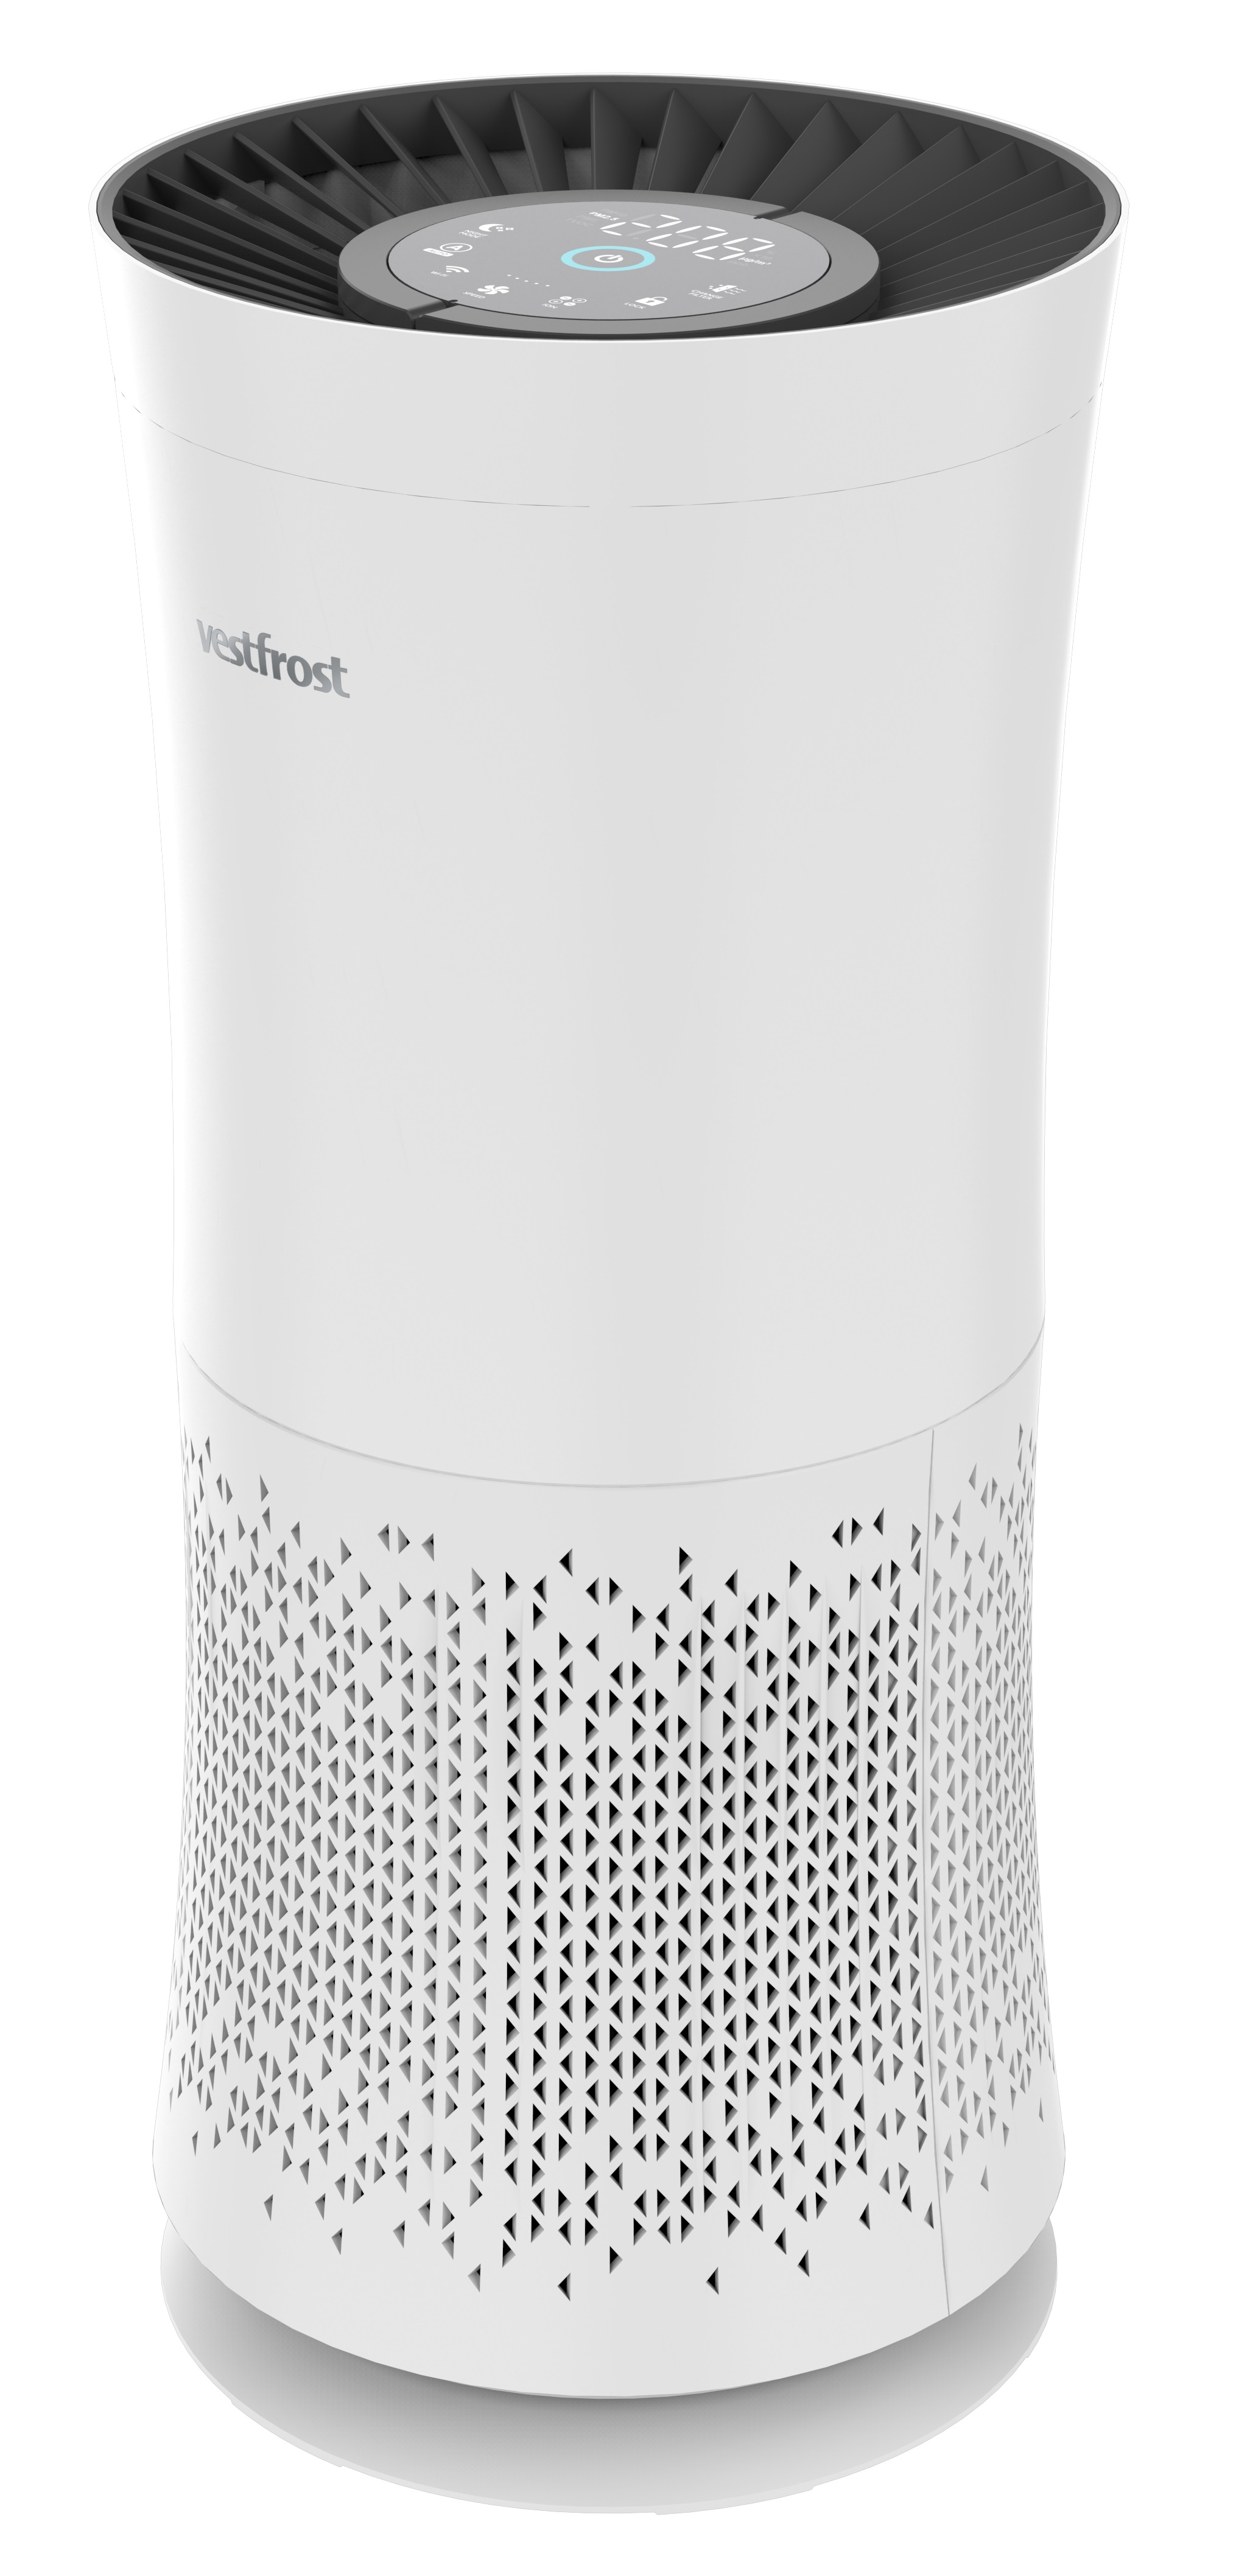 Vestfrost VP-A1Z40WH filtracja powietrza